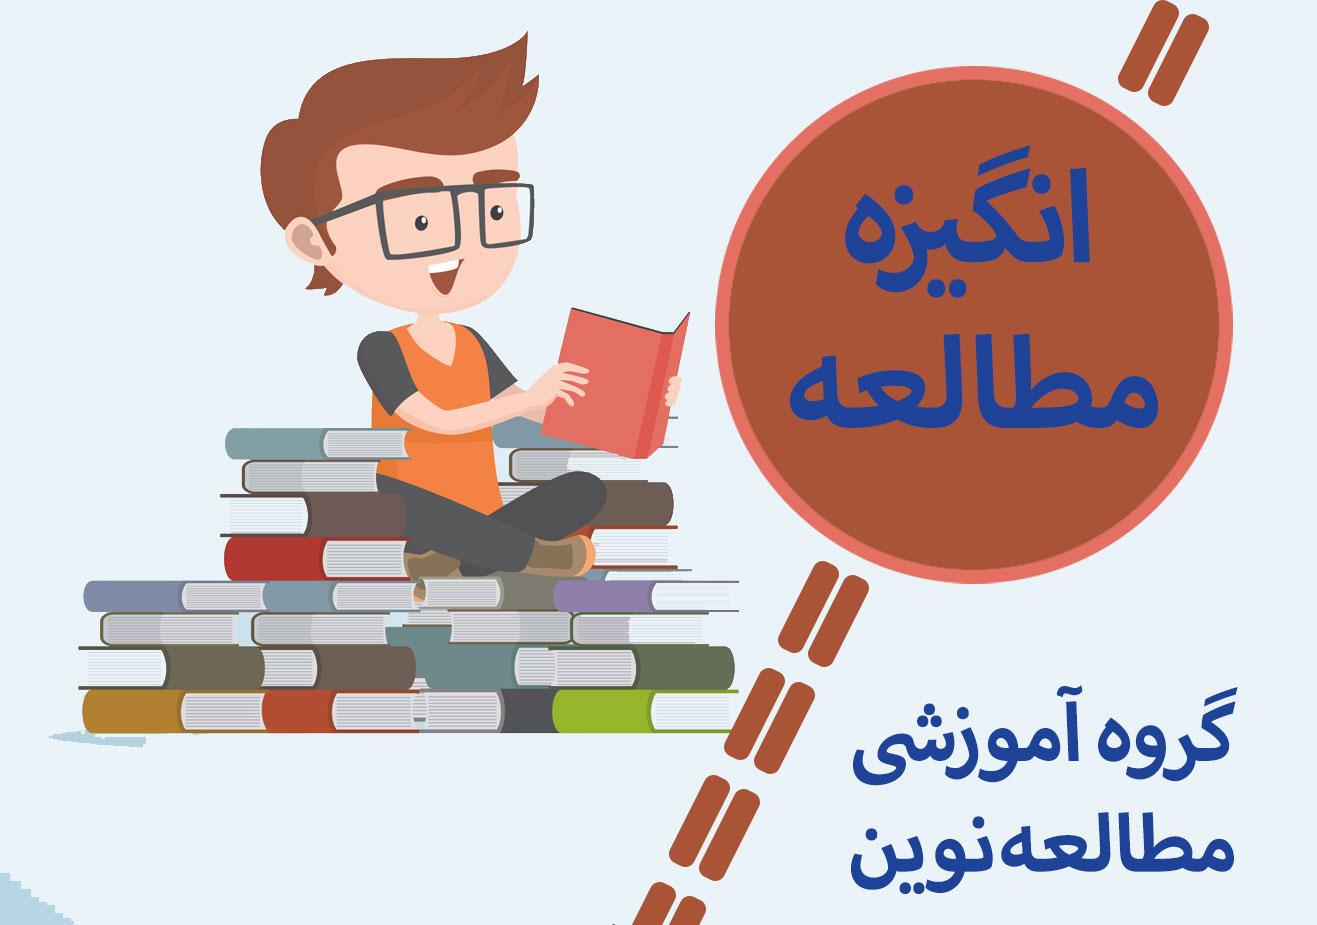 افزایش انگیزه برای مطالعه و یادگیری